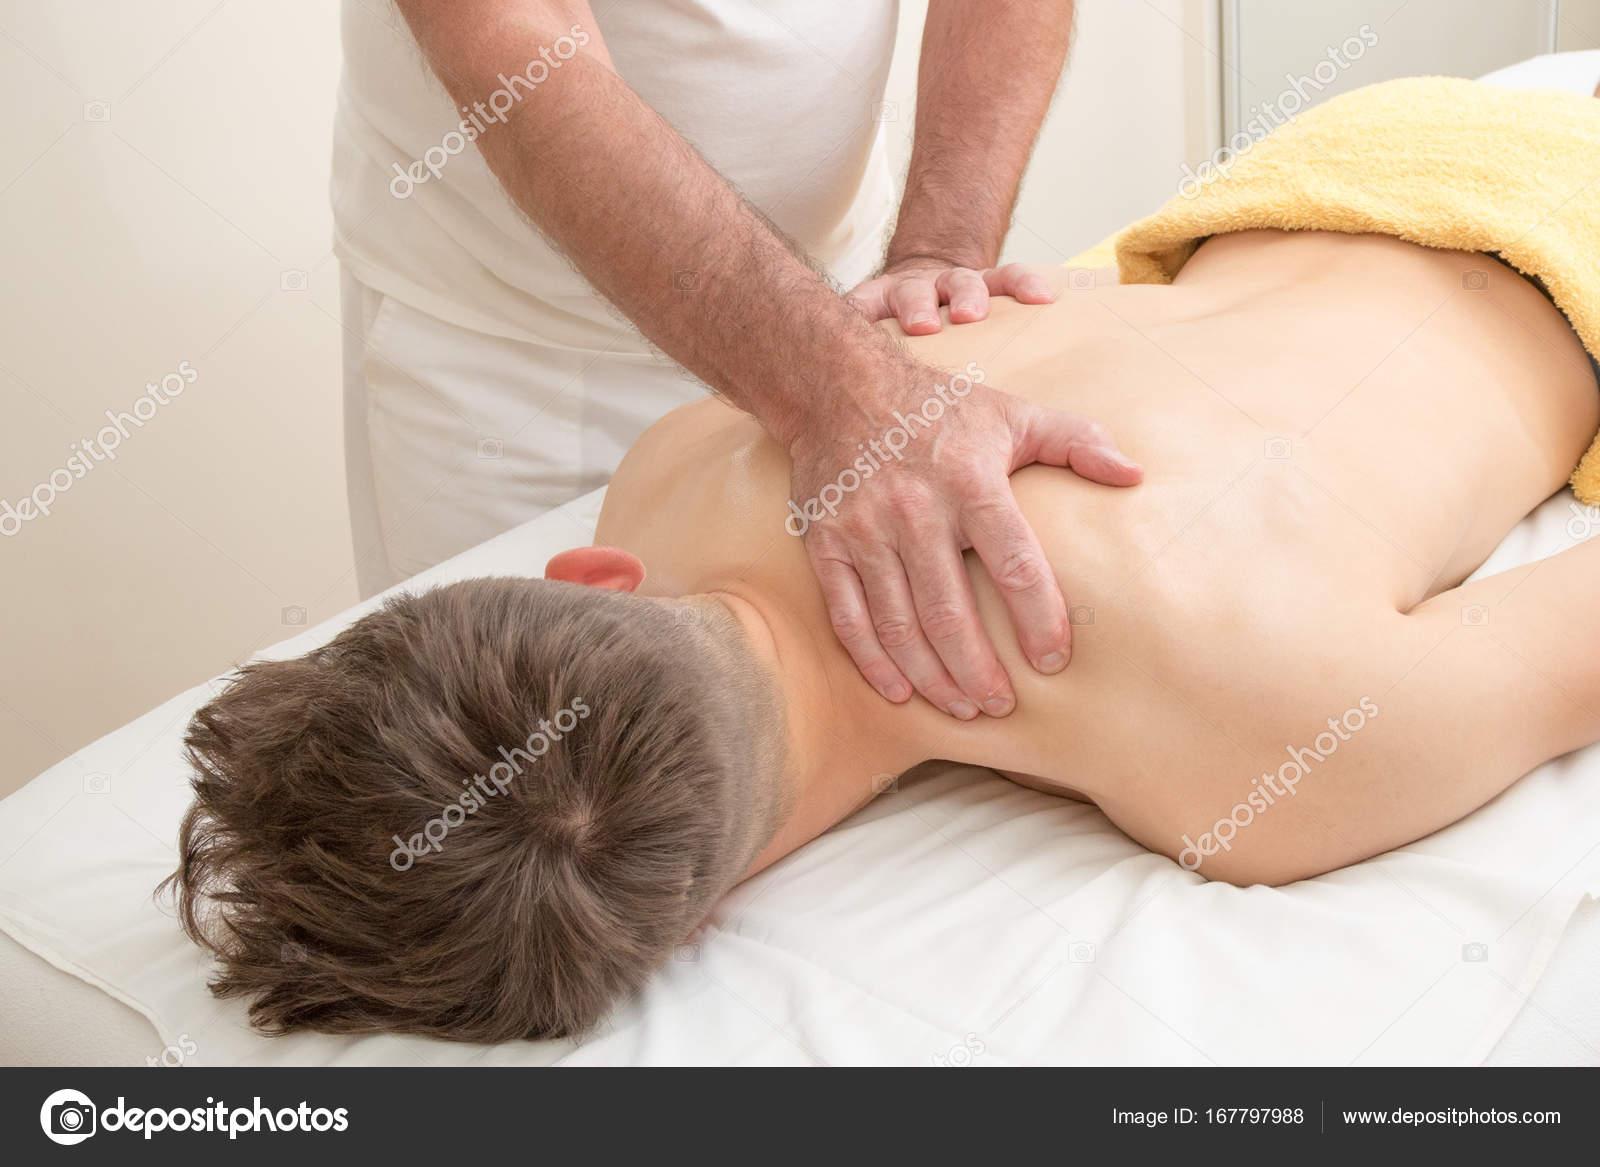 Секс принудительный на массаже, Порно видео с массажем, делает массаж парню 14 фотография